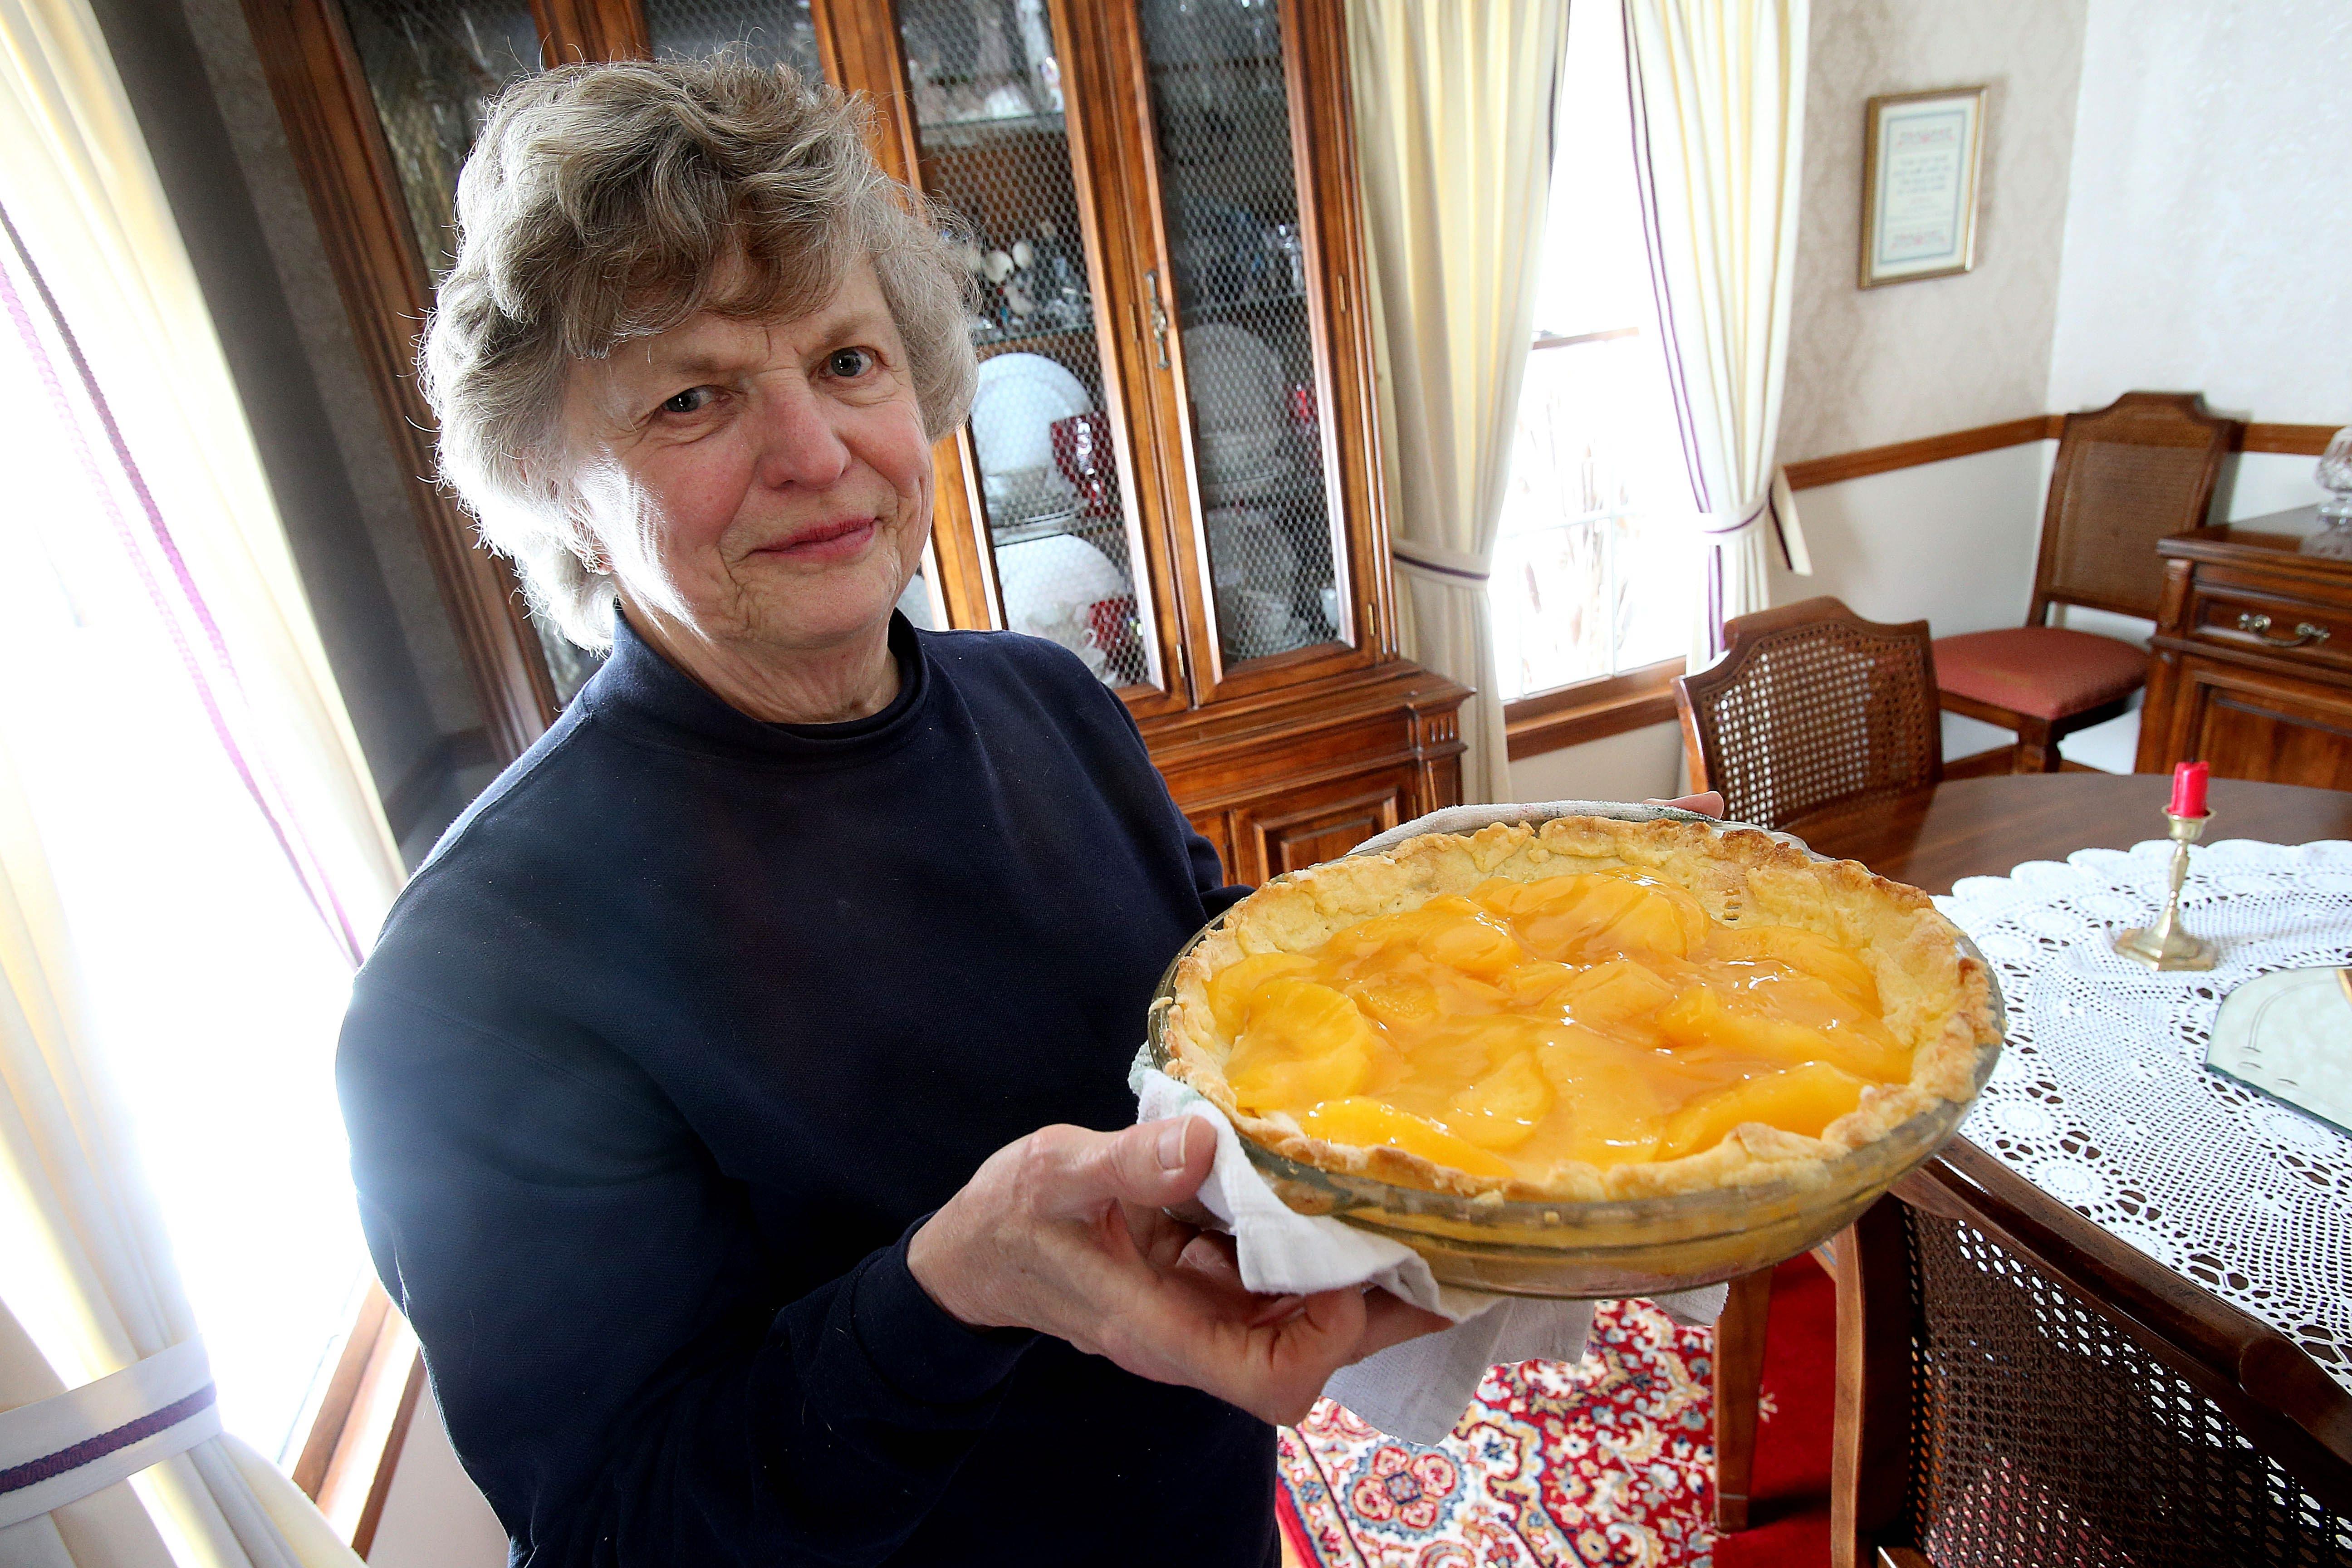 Joan Skop shows off her peach pie made with gluten-free crust.   (Robert Kirkham/Buffalo News)